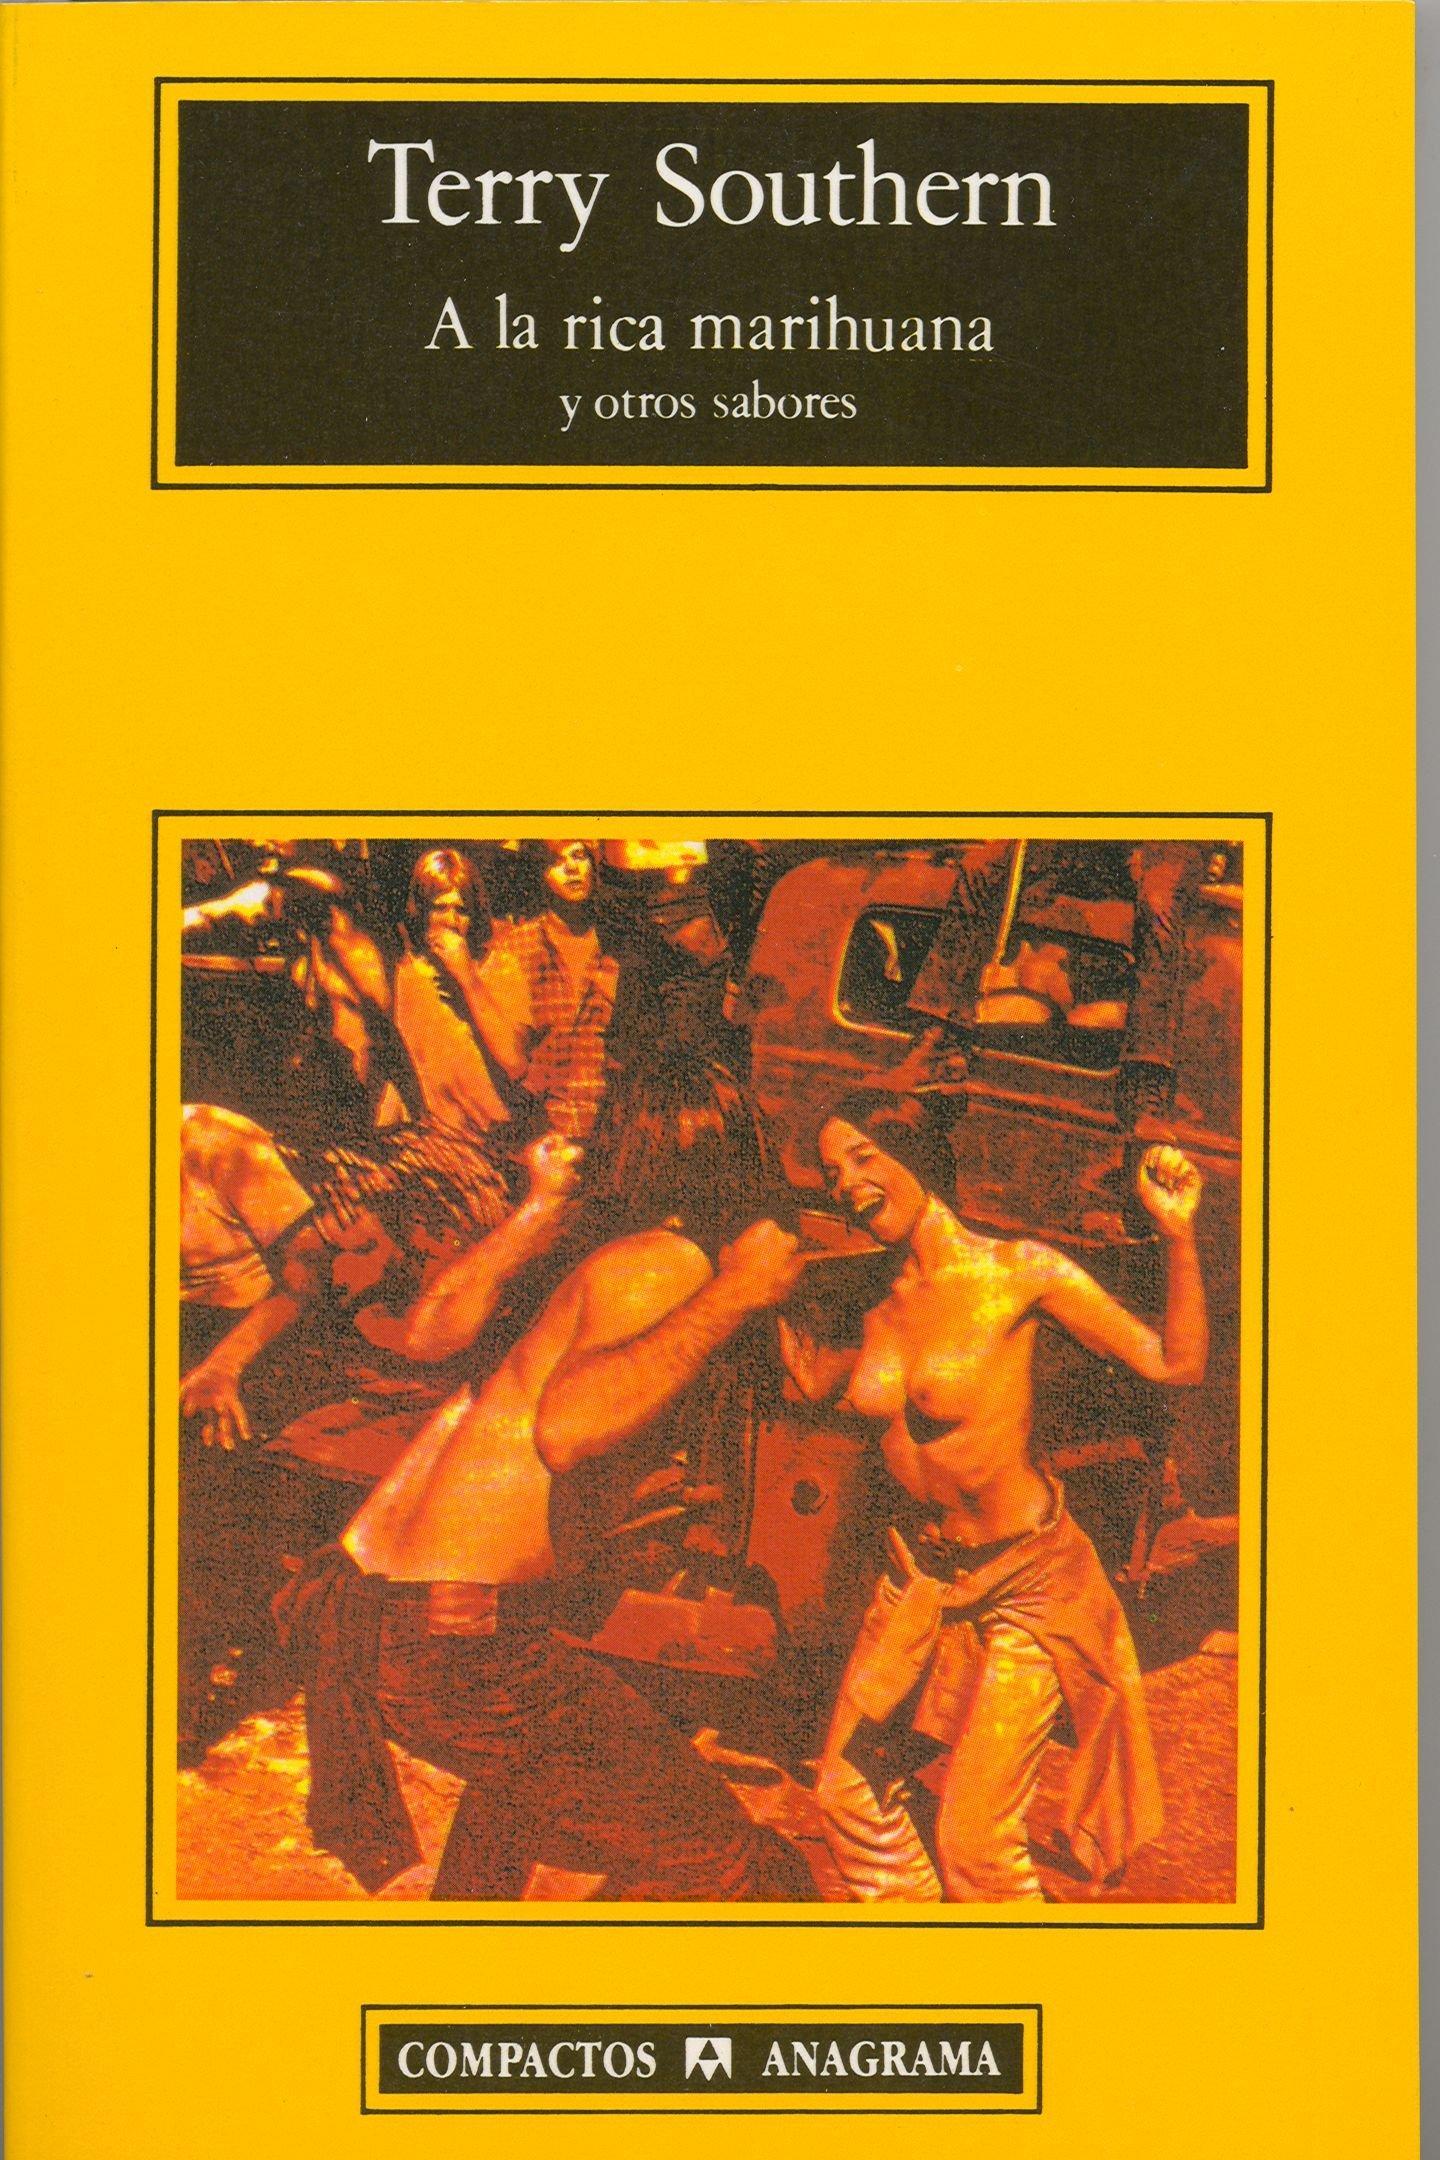 A la rica marihuana y otros sabores Compactos Anagrama: Amazon.es: Terry Southern, Kosian Masoliver Millet: Libros